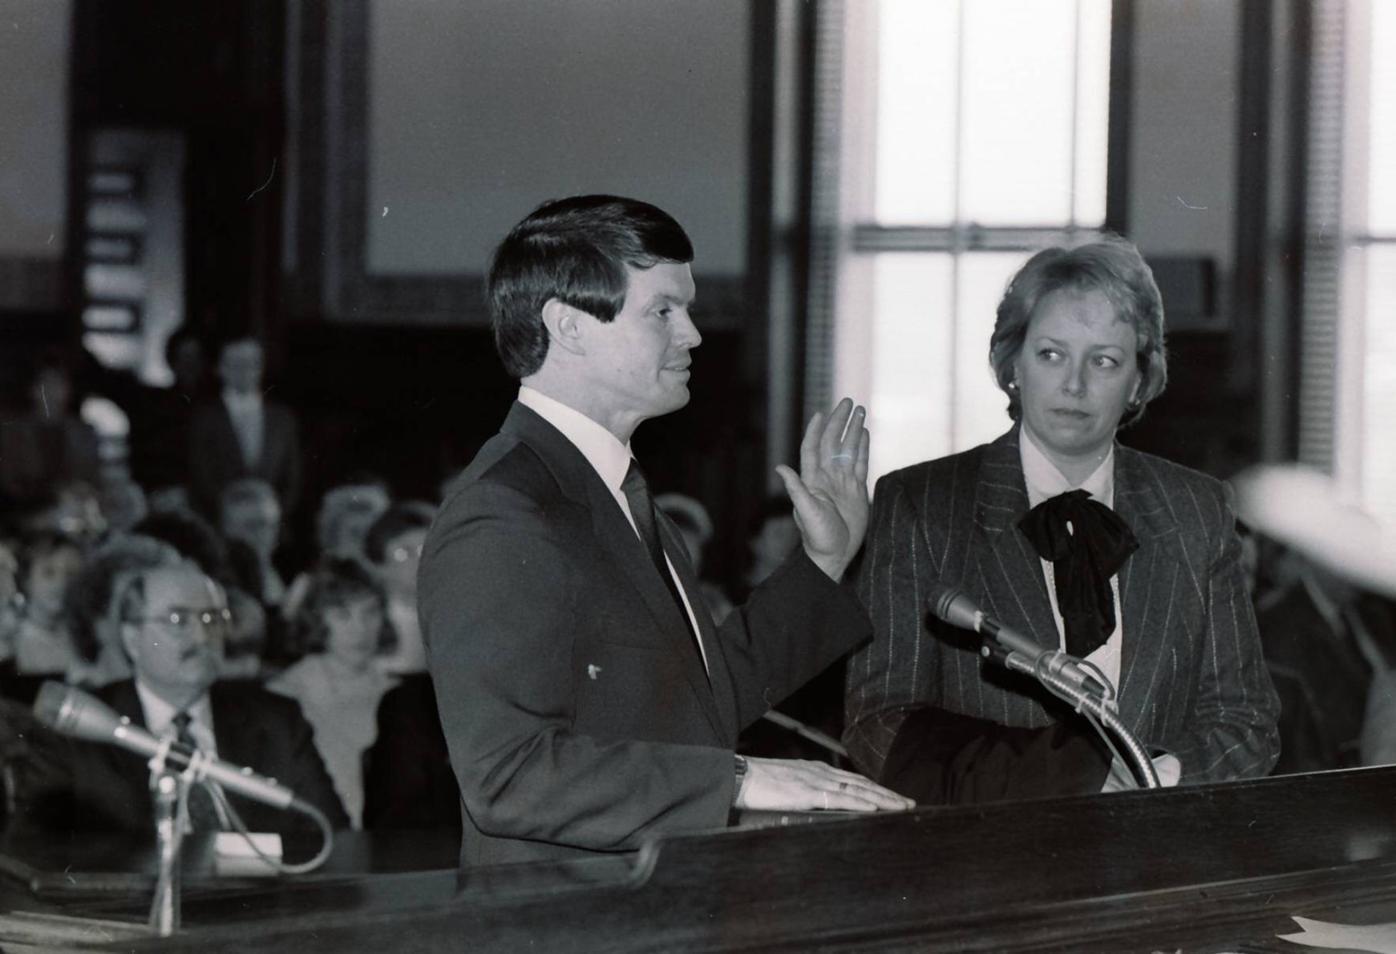 prfileBaldwin1988